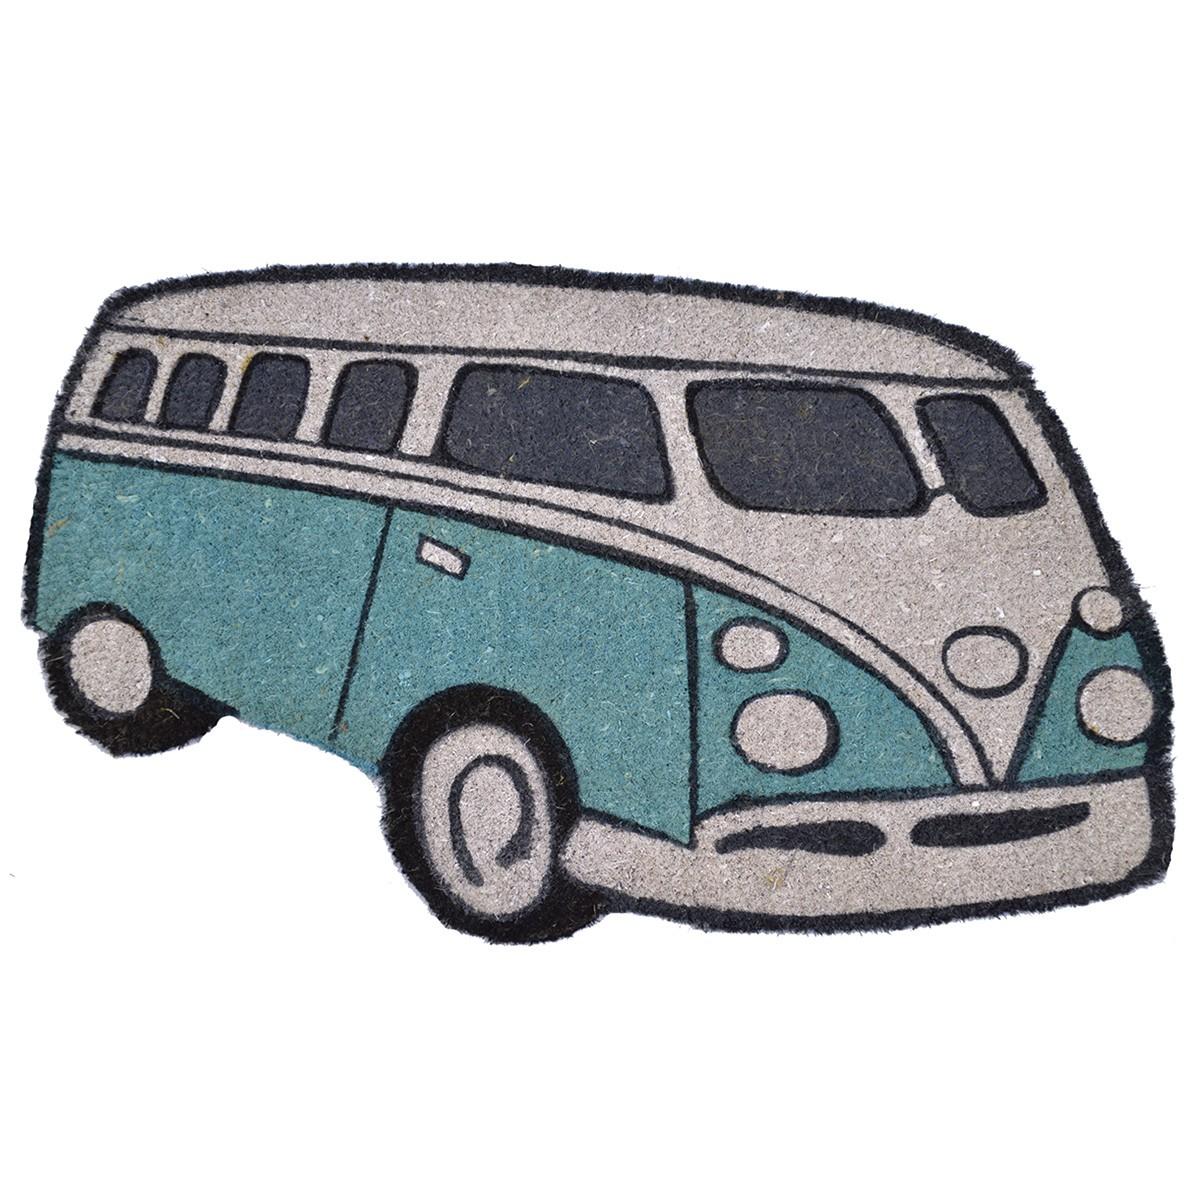 Kombi Coir Doormat, 75x43cm, Turquoise